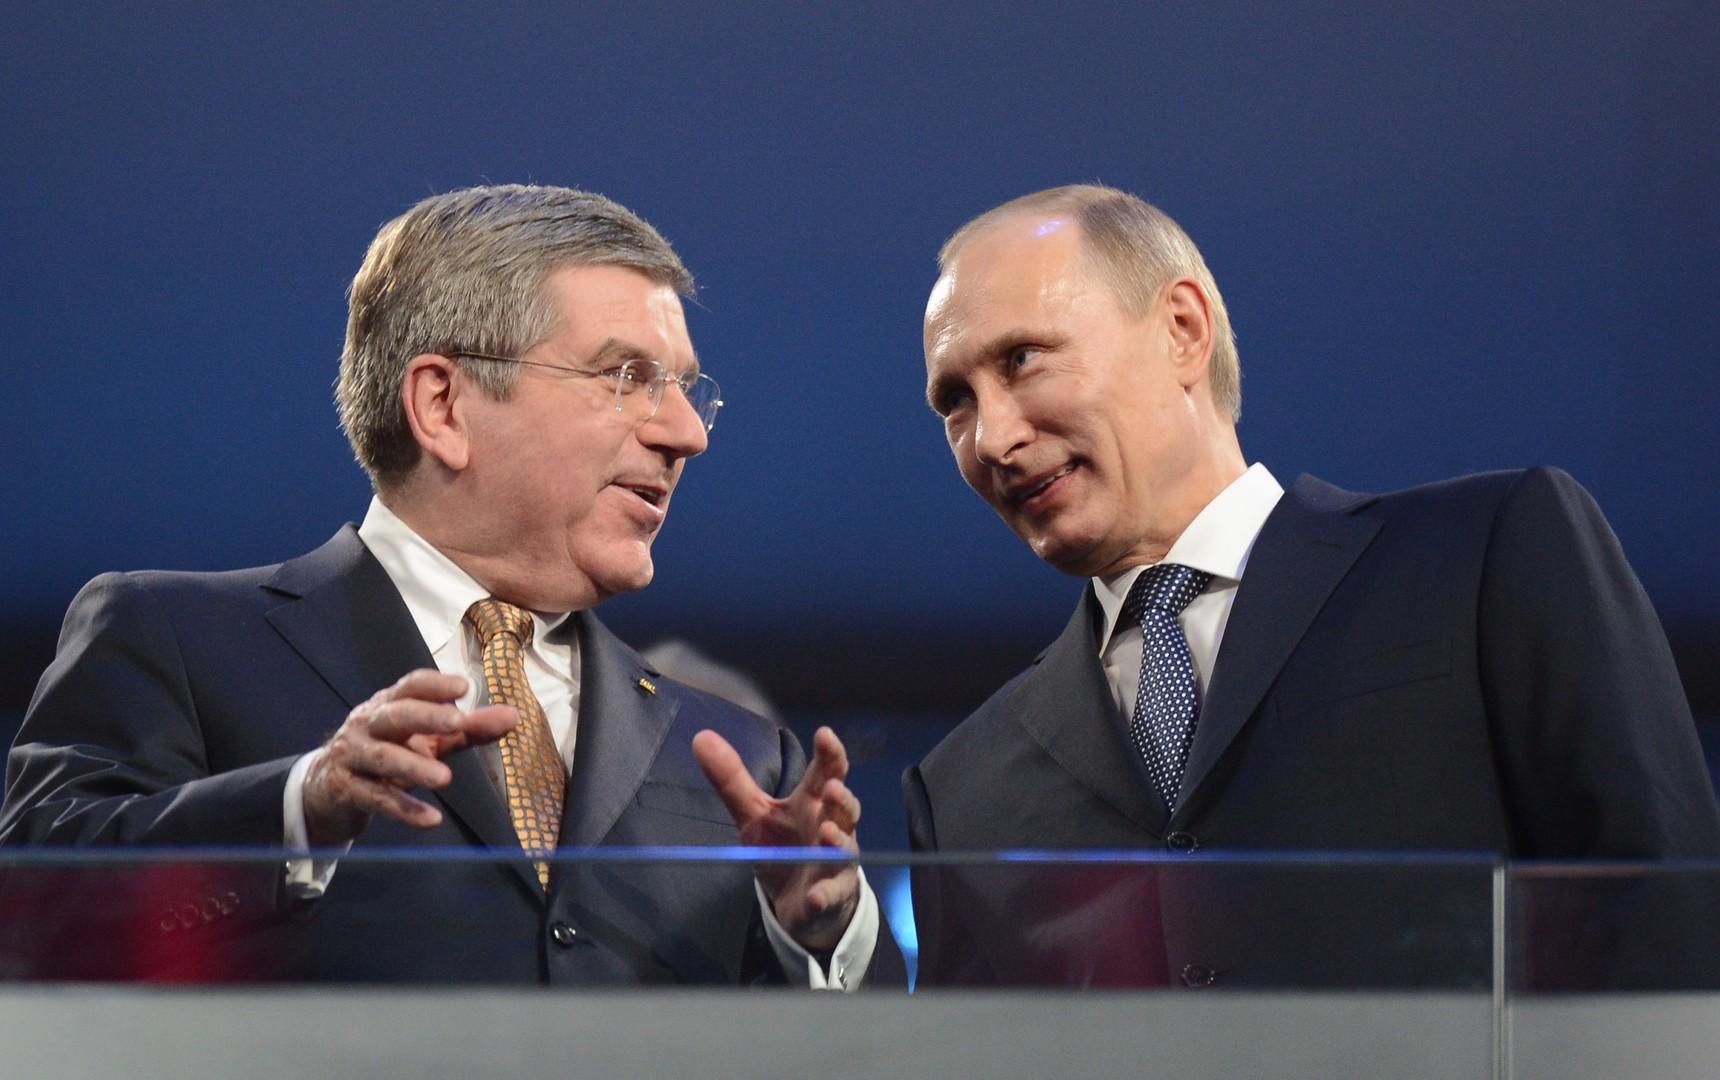 Владимир Путин не планирует посещать церемонию открытия Олимпиады в Рио-де-Жанейро